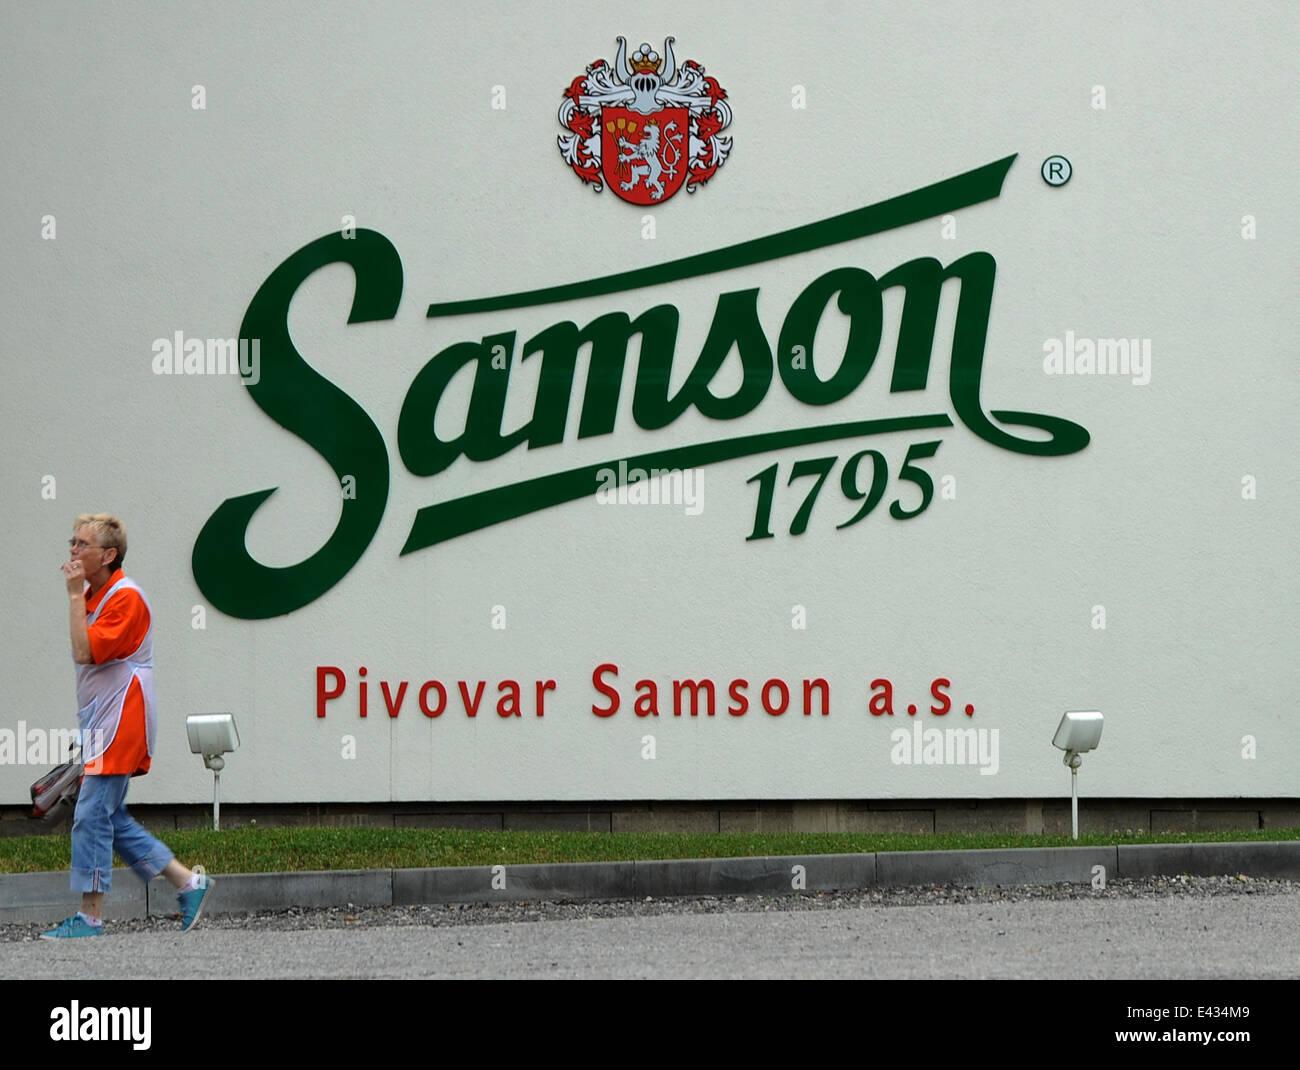 Budweiser Brewery Czech Republic Stock Photos Amp Budweiser